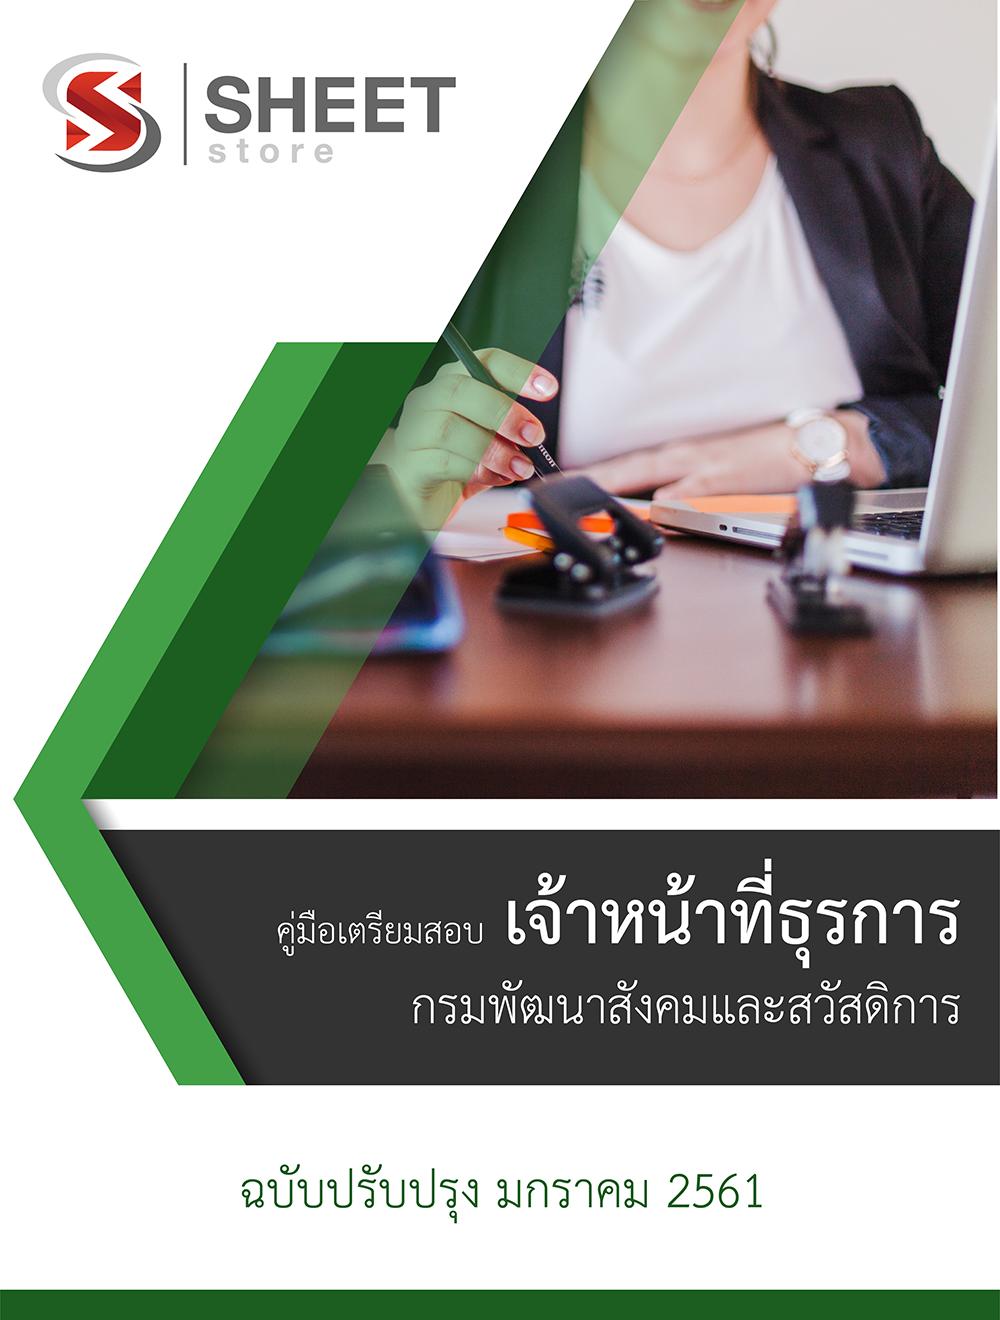 แนวข้อสอบ เจ้าหน้าที่ธุรการ กรมพัฒนาสังคมและสวัสดิการ